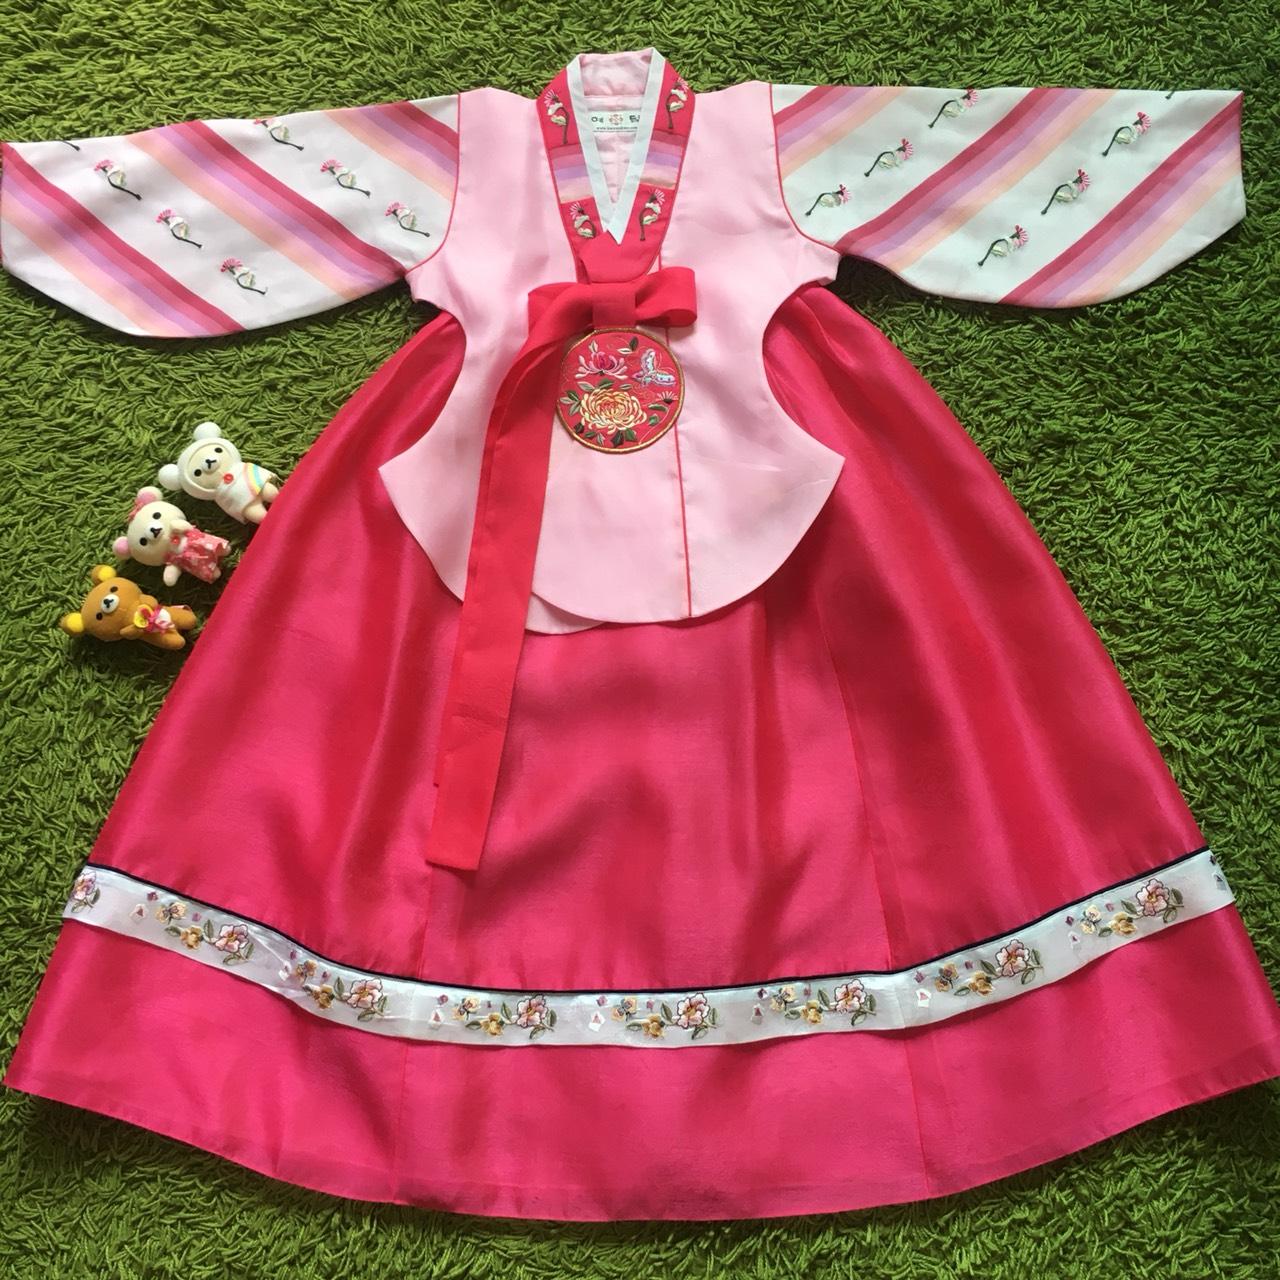 Hanbok Girl ชาววังสีชมพูแขนสลับ สำหรับเด็ก 5 ขวบ